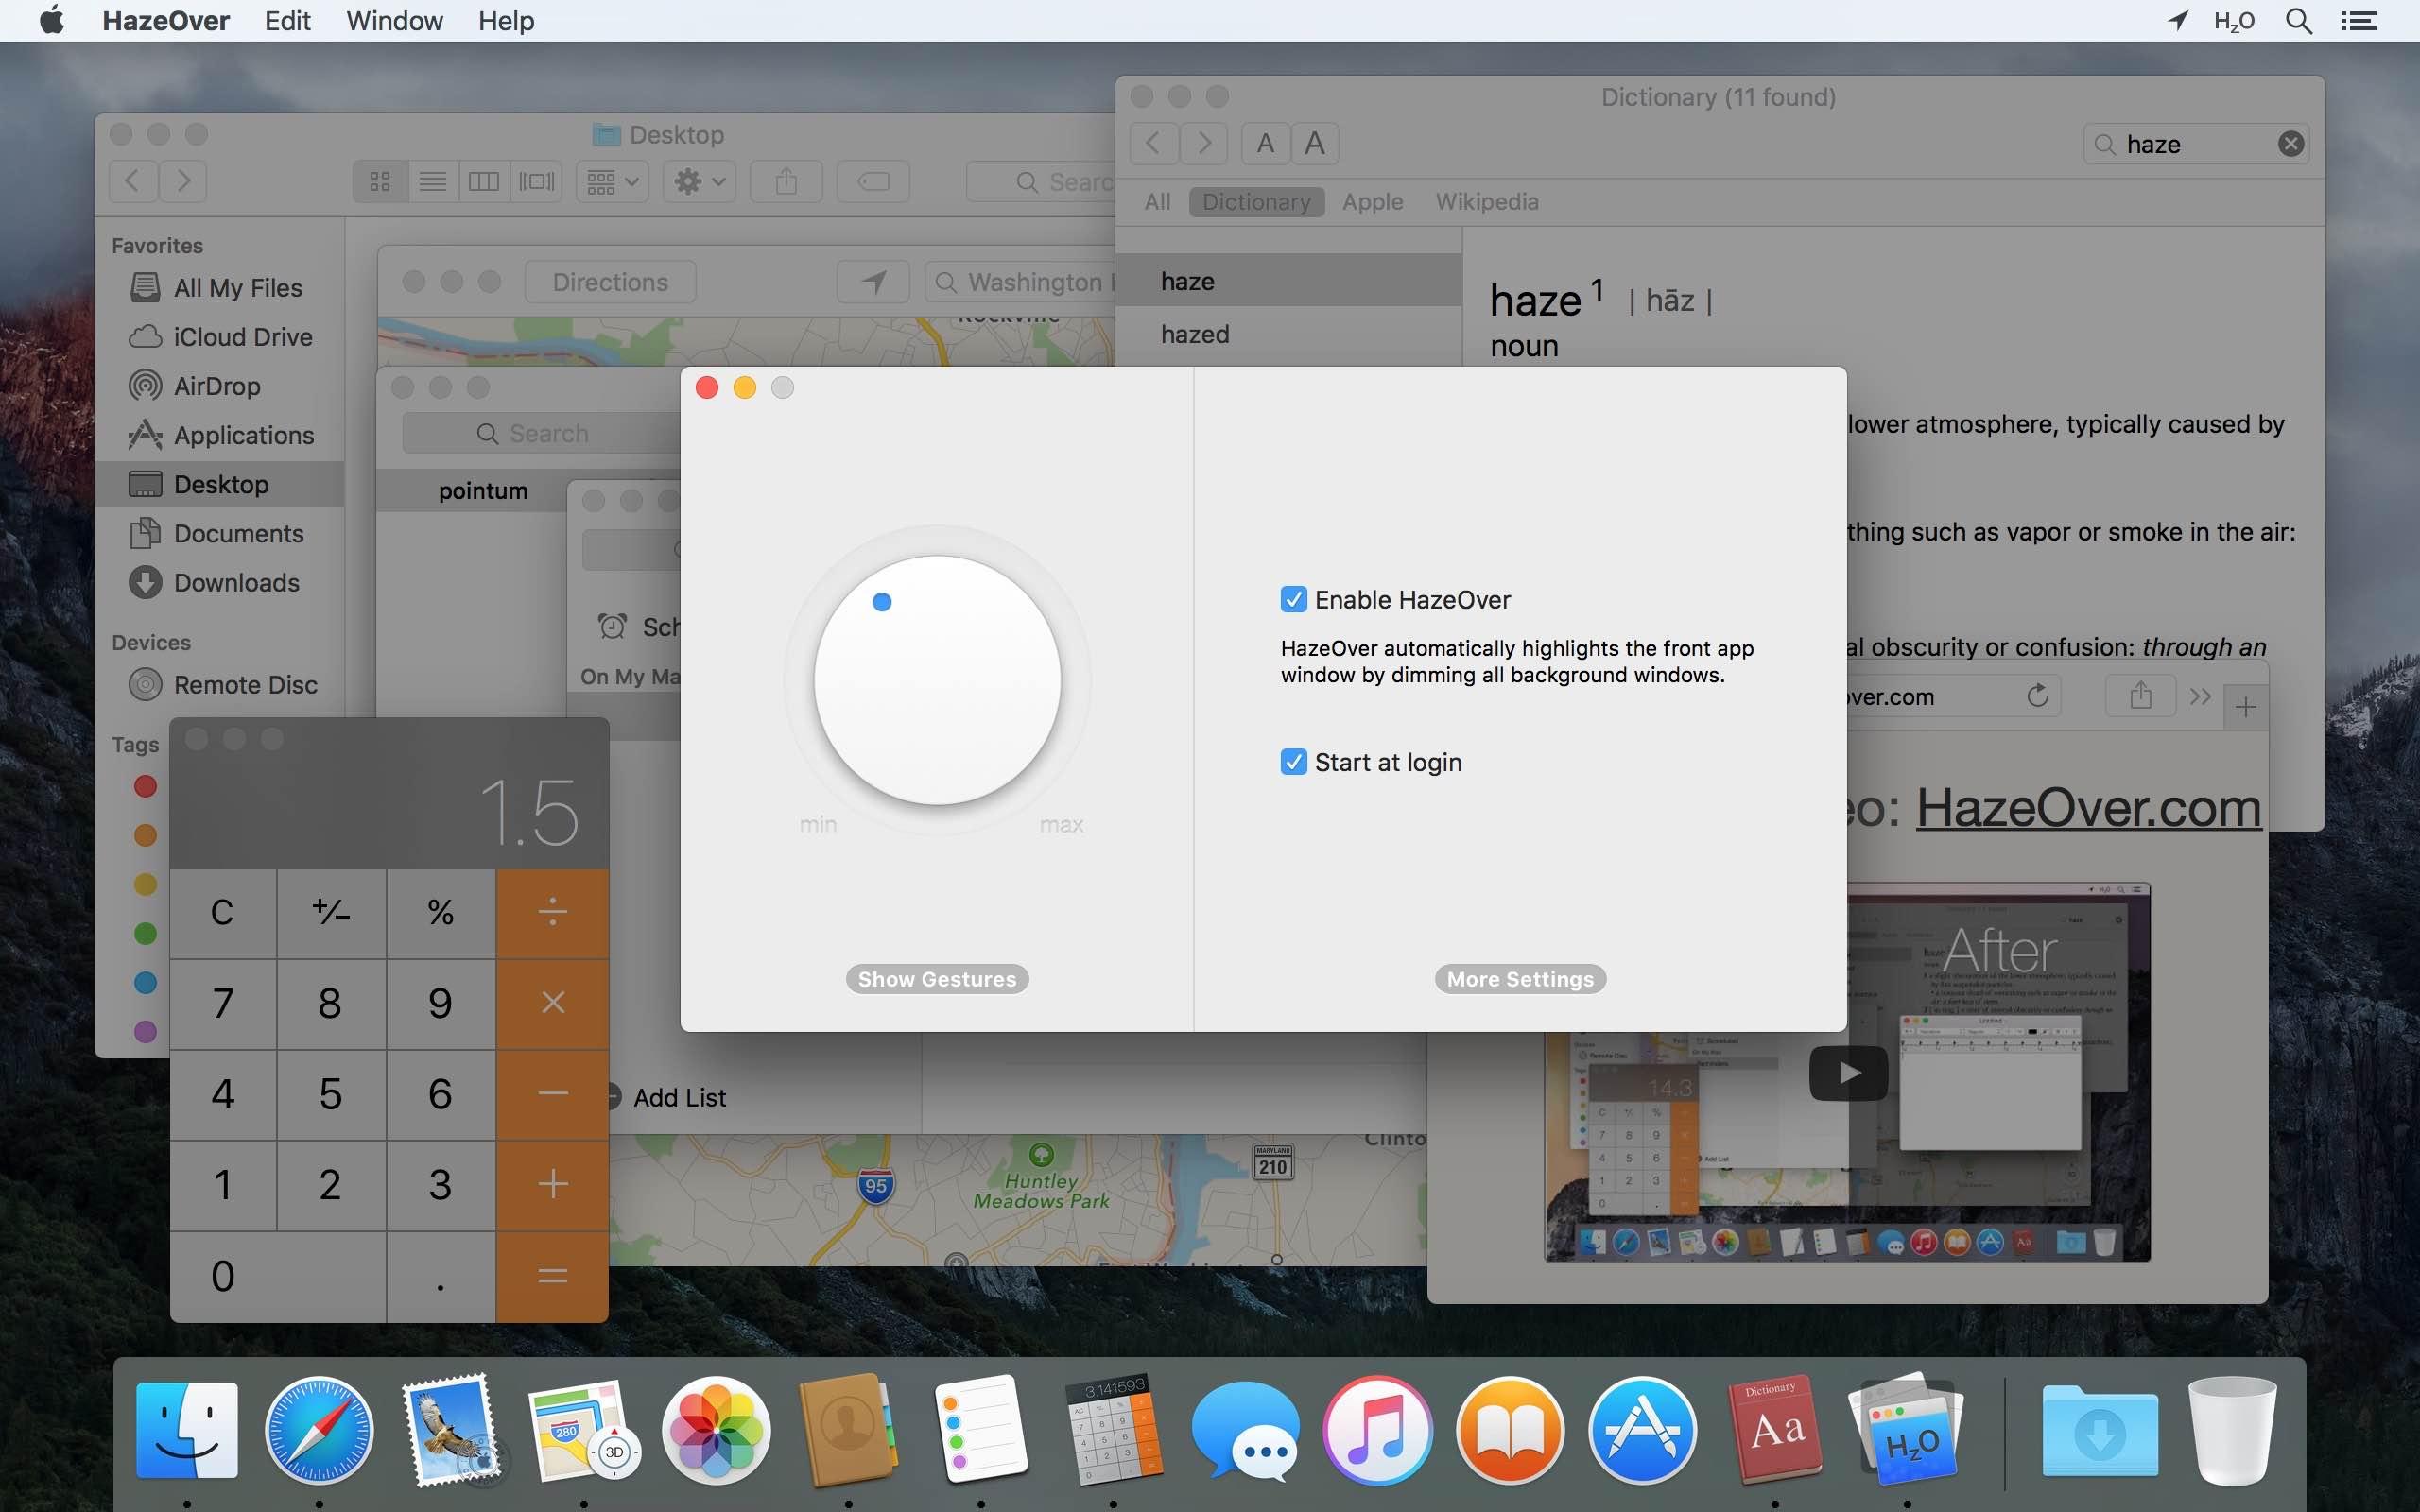 Modo oscuro de Mac: elegir si ejecutar la aplicación HazeOver al inicio del sistema